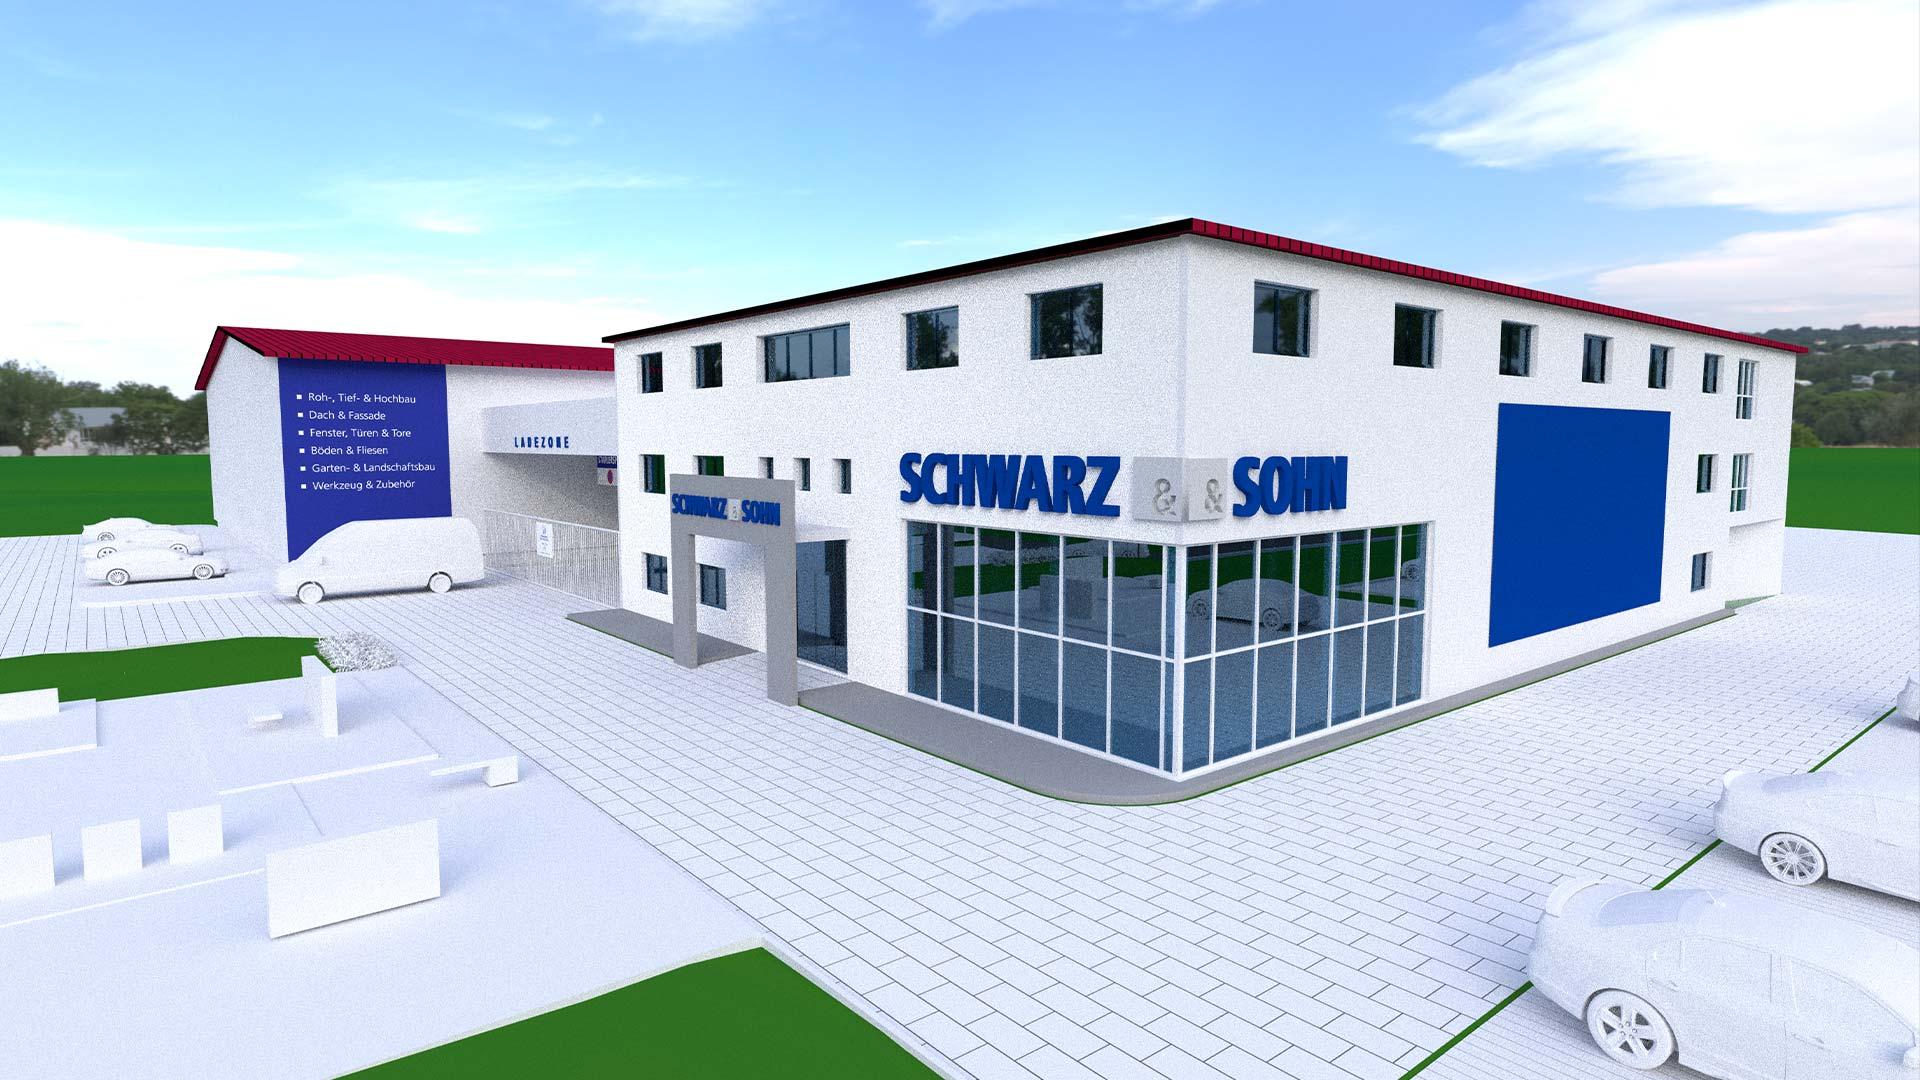 OPUS Marketing / Projekte / Schwarz und Sohn / Außenfassade / Rendering